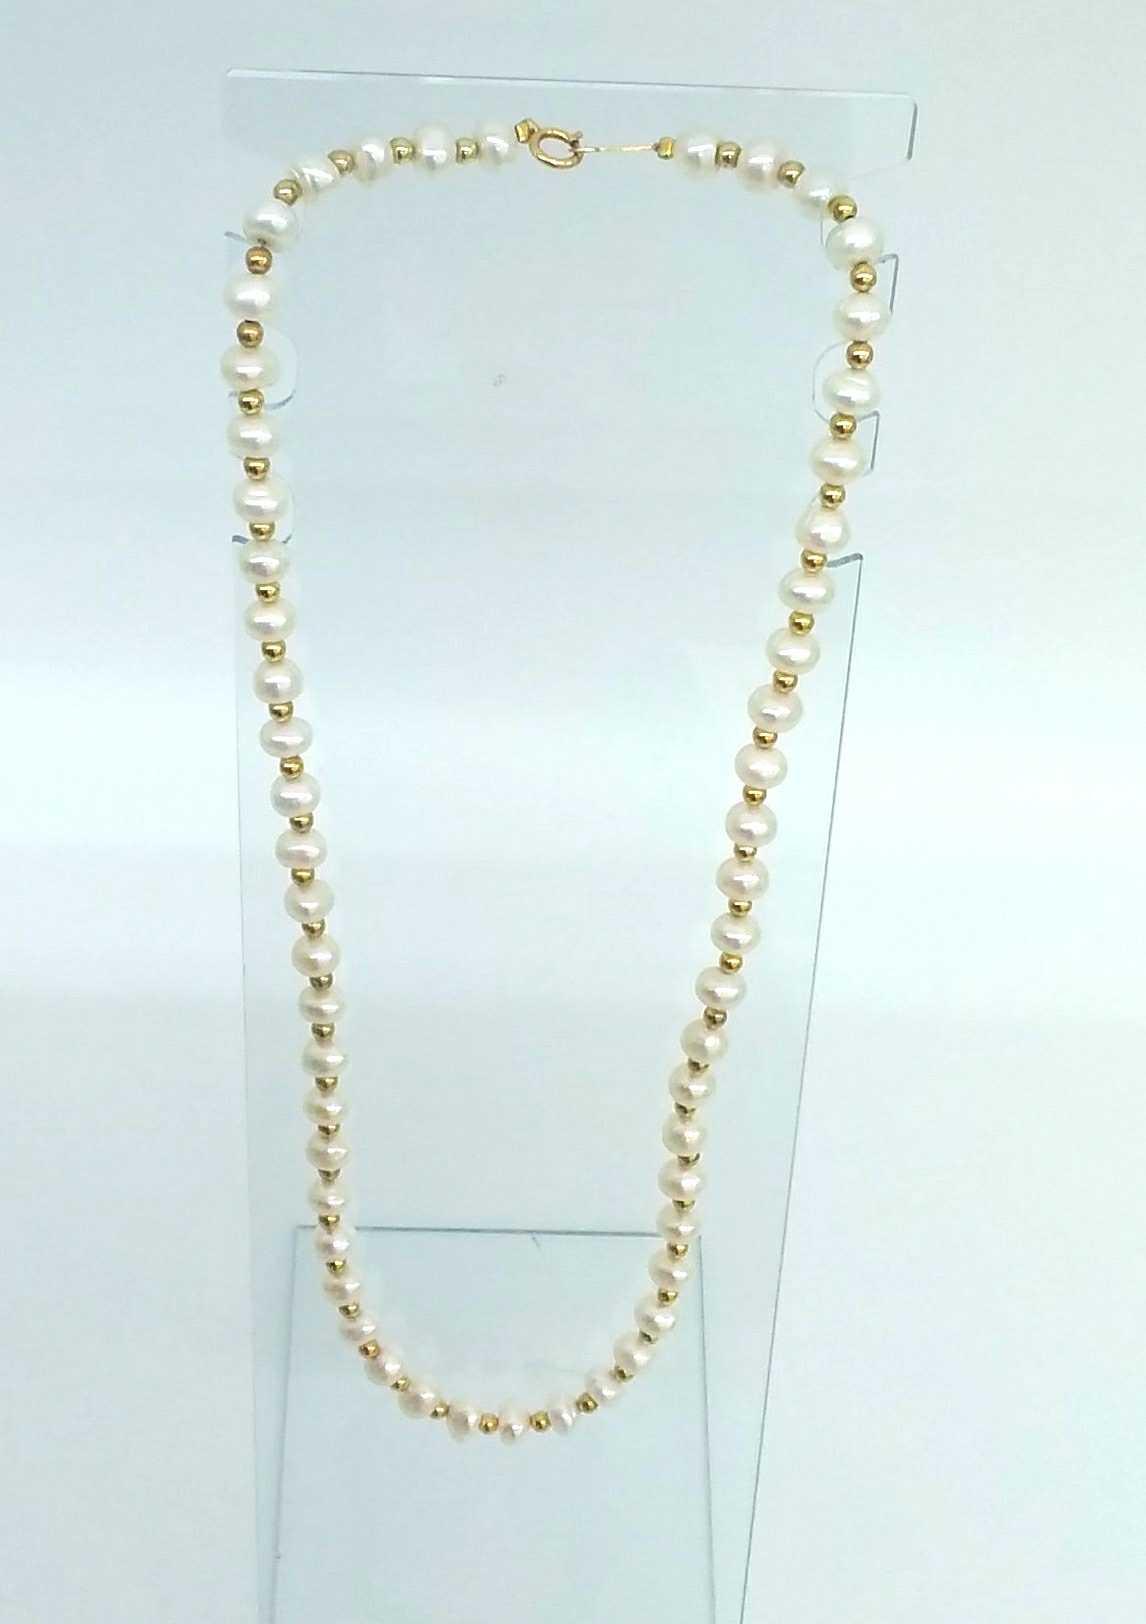 K18パールネックレス|宝石付きネックレス